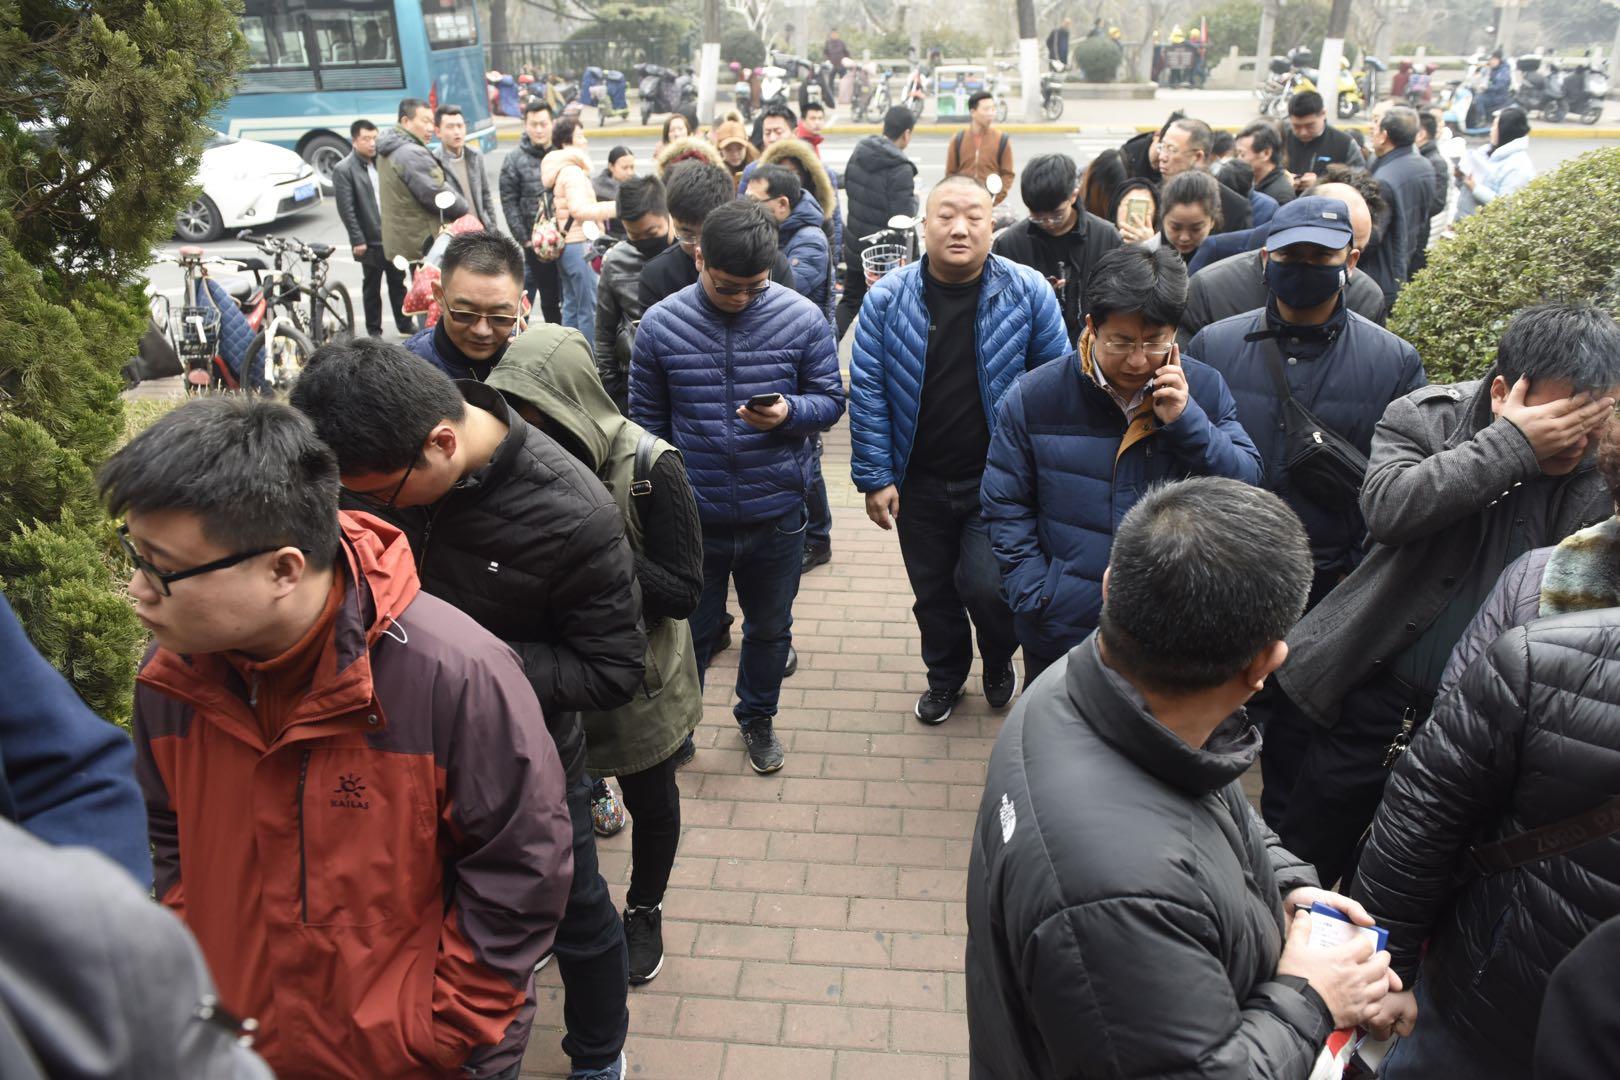 交警提醒人工窗口流程无变化 市民仍扎堆排长龙